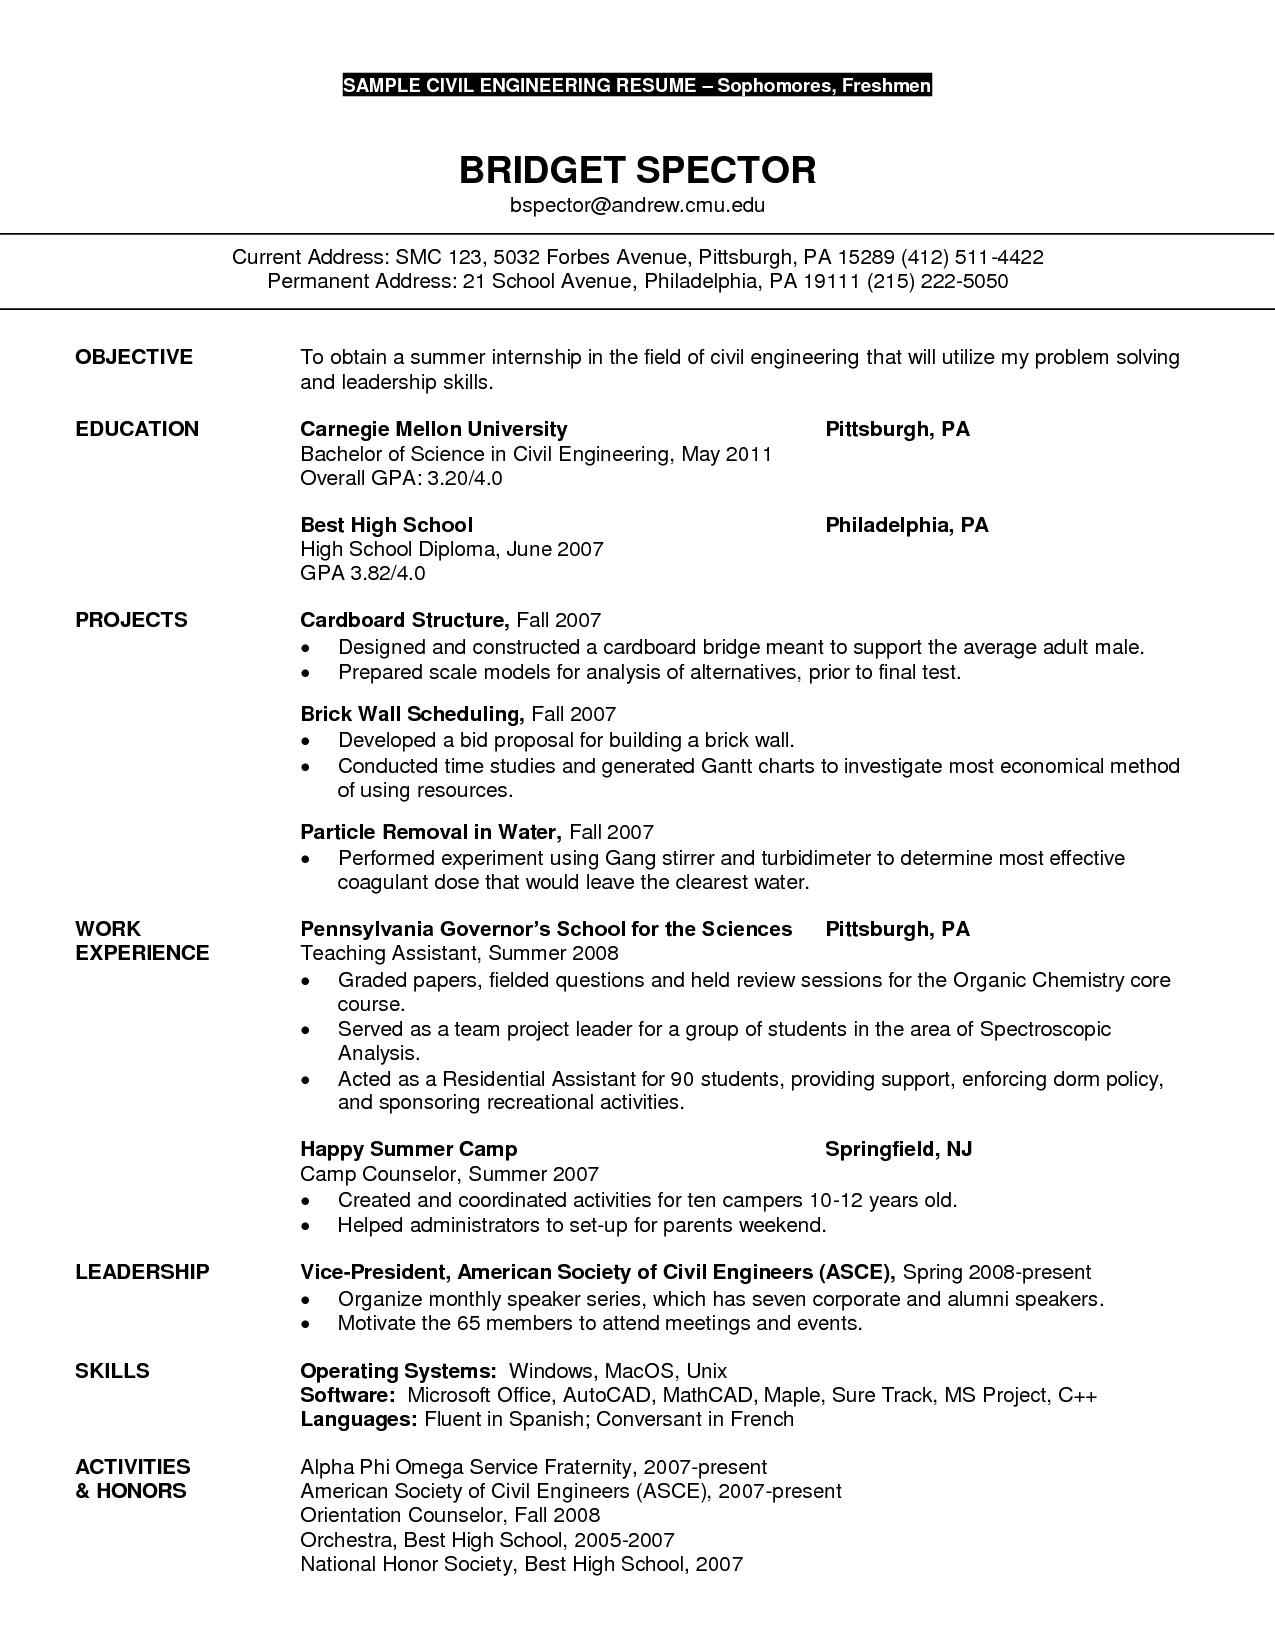 Civil Engineer Resume Sample http//www.resumecareer